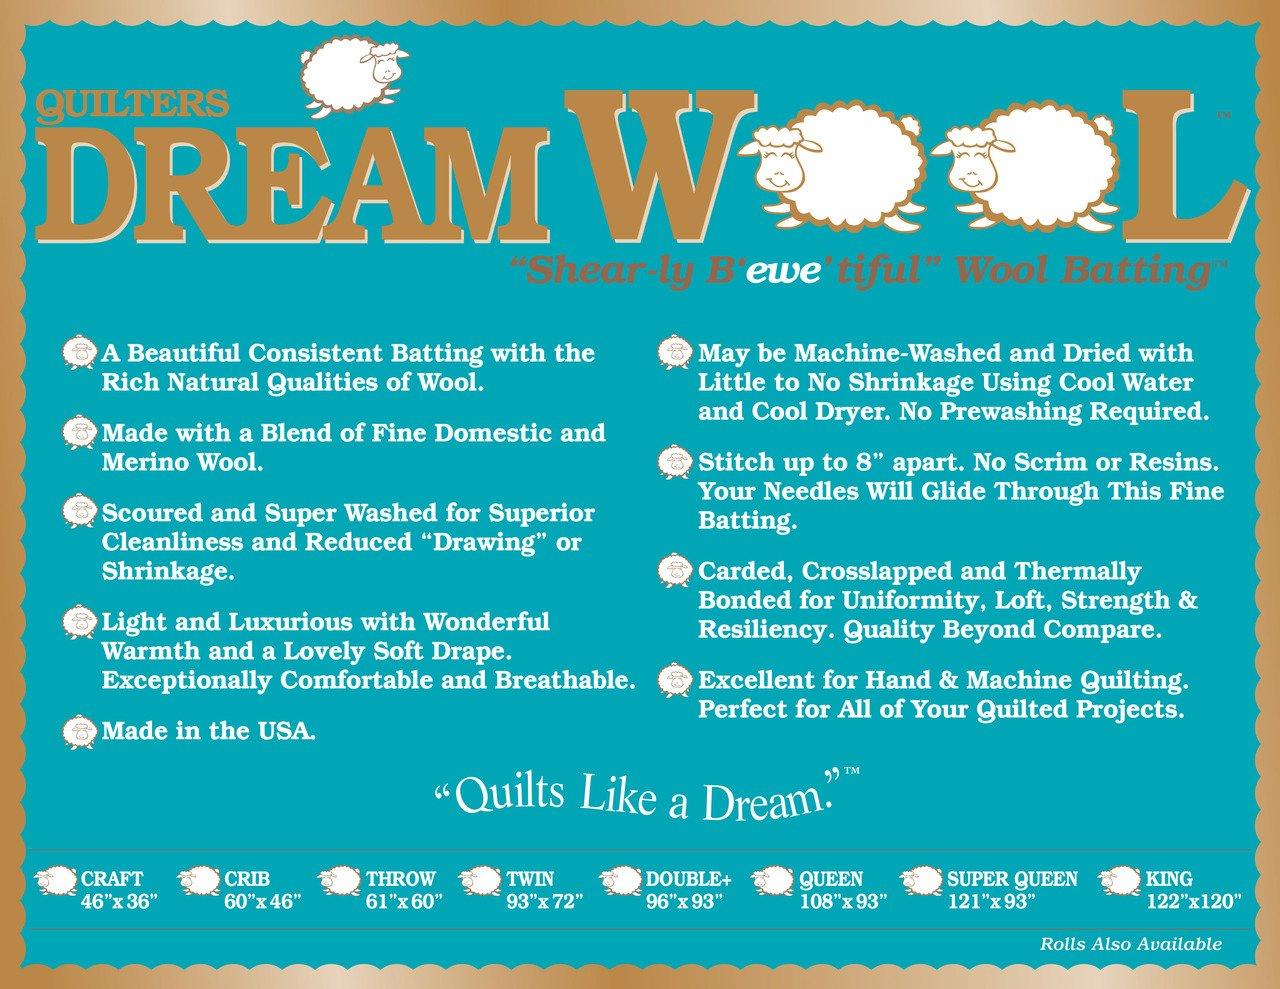 Quilters Dream Batting Wool Queen